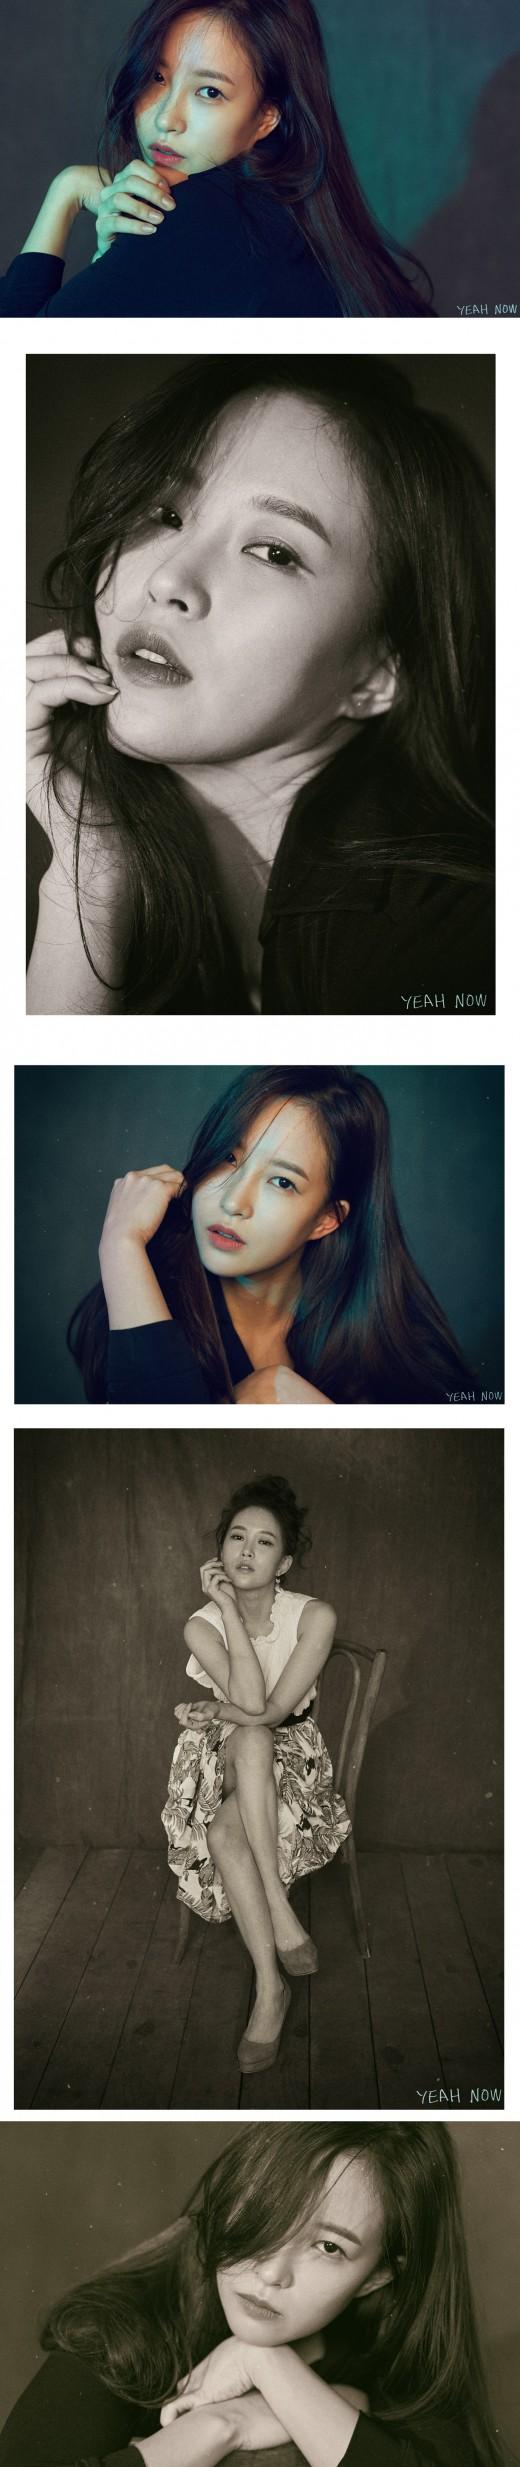 """'장기용 결별' 이예나, 화보 공개 """"더 알고 싶어지는 배우 되고파"""""""